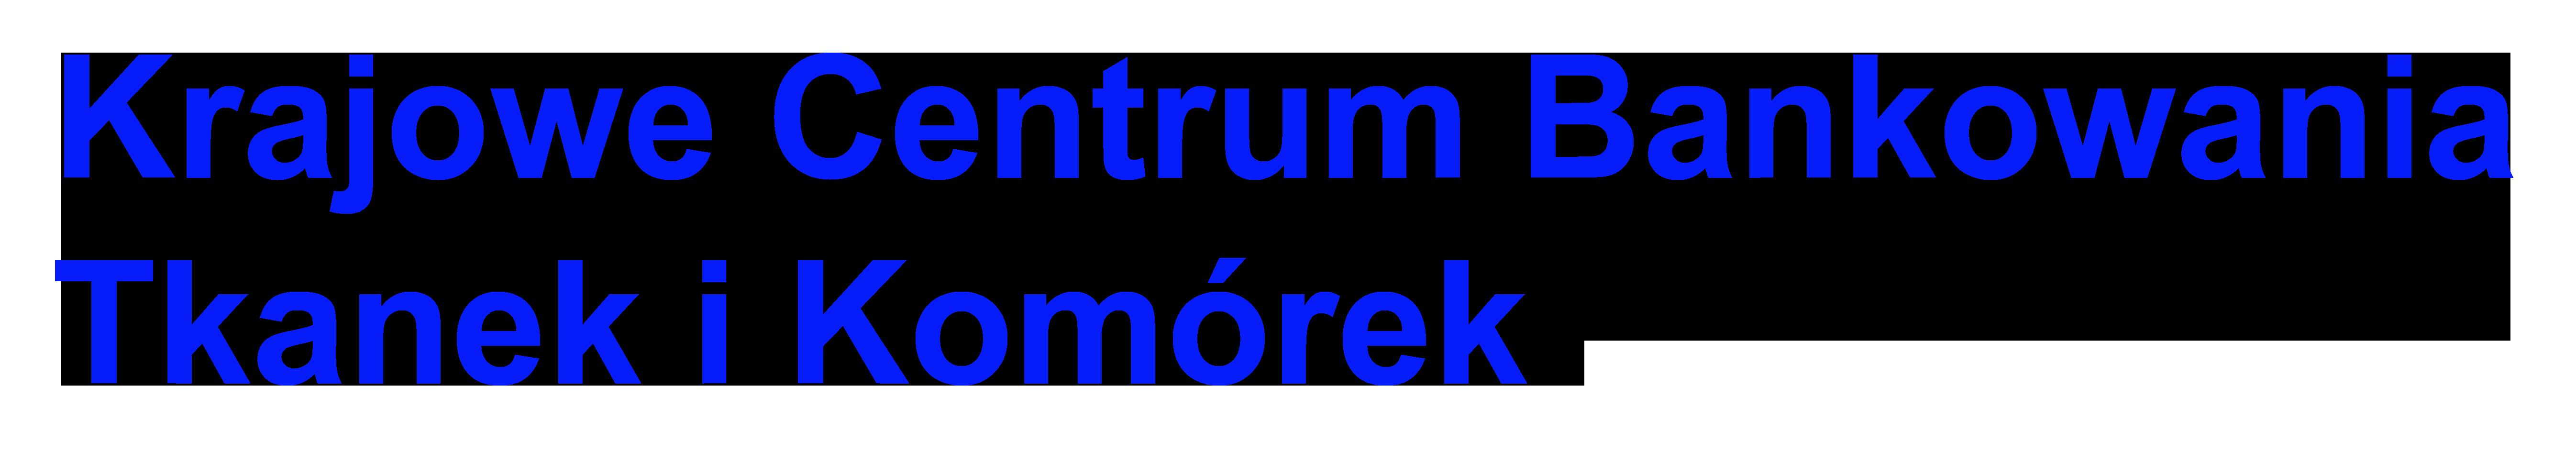 15.Krakowiek